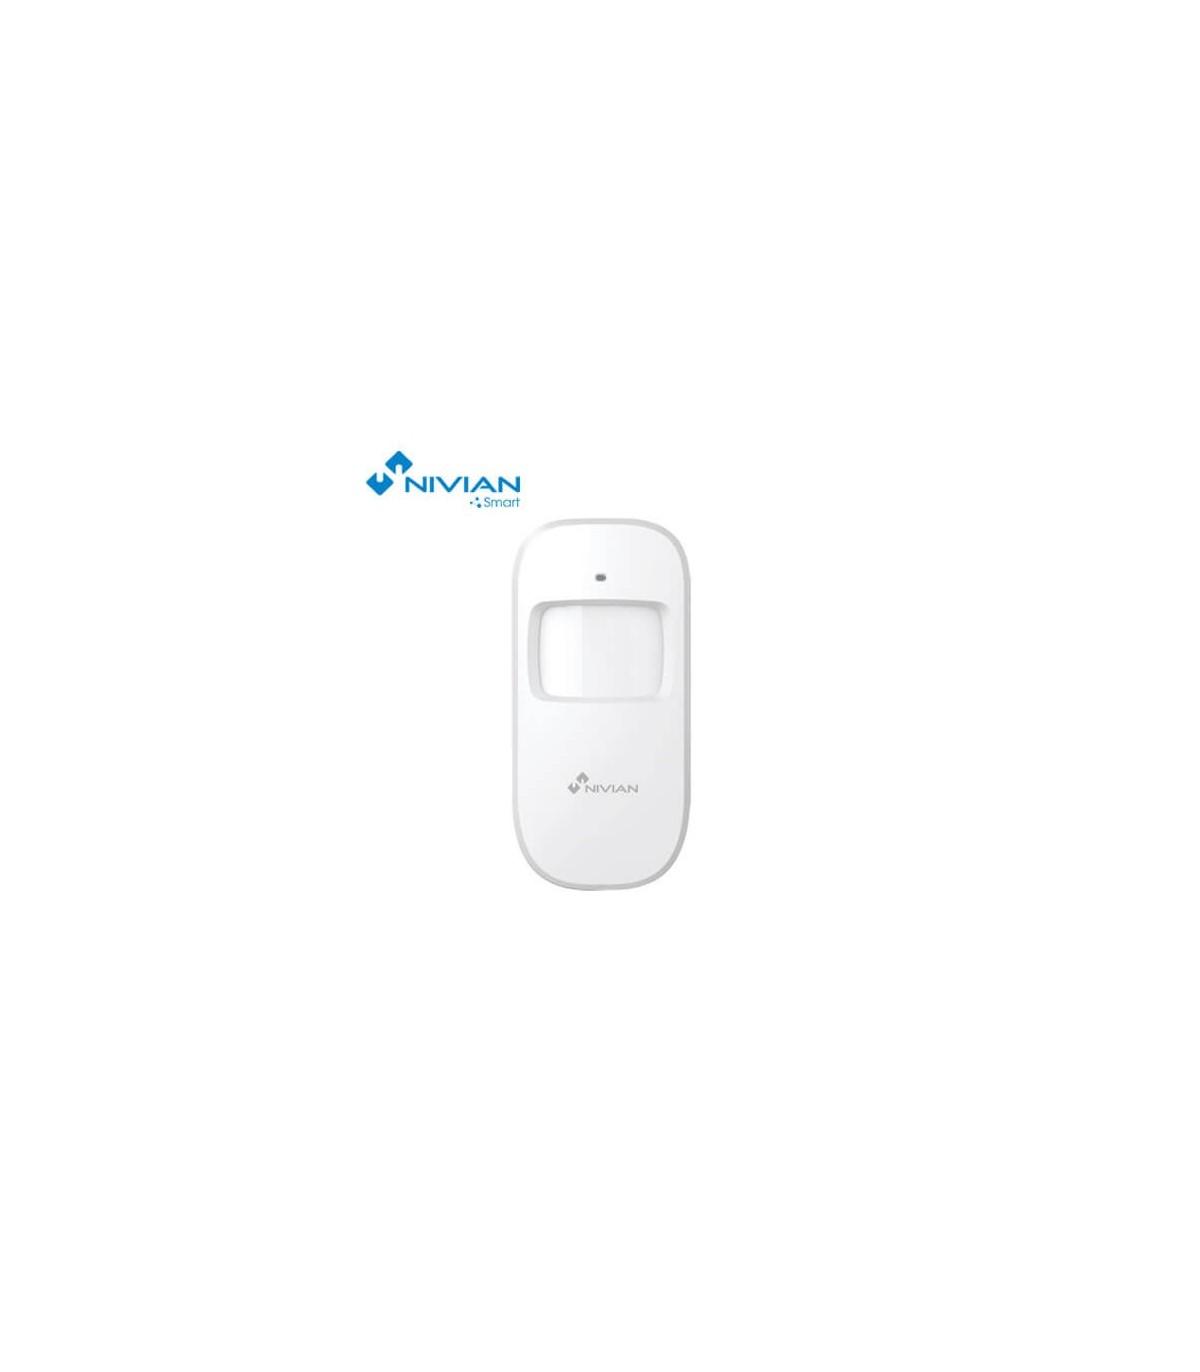 Detector de movimiento inal/ámbrico para interior Compatible con Panel de Alarma Nivian Smart Nivian Smart NVS-D2A Inmune a Mascotas 20Kg